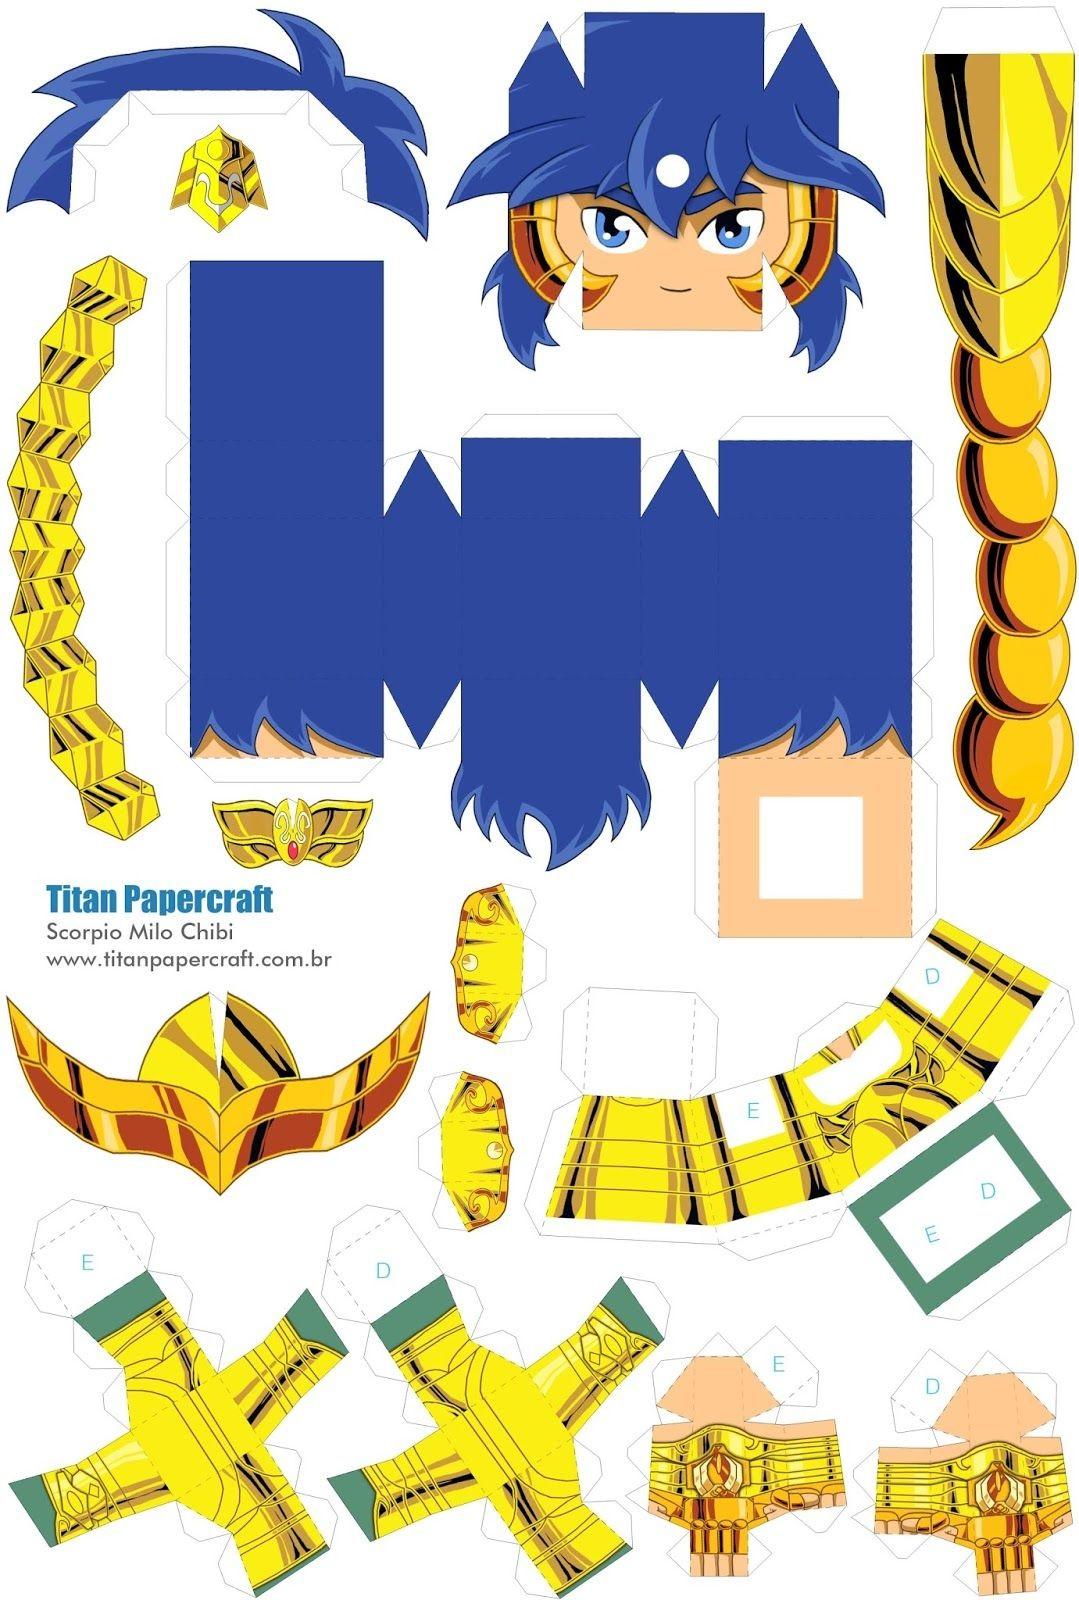 Creative Park Canon Papercraft Monte E Colecione Papercraft De Seus Personagens Preferidos